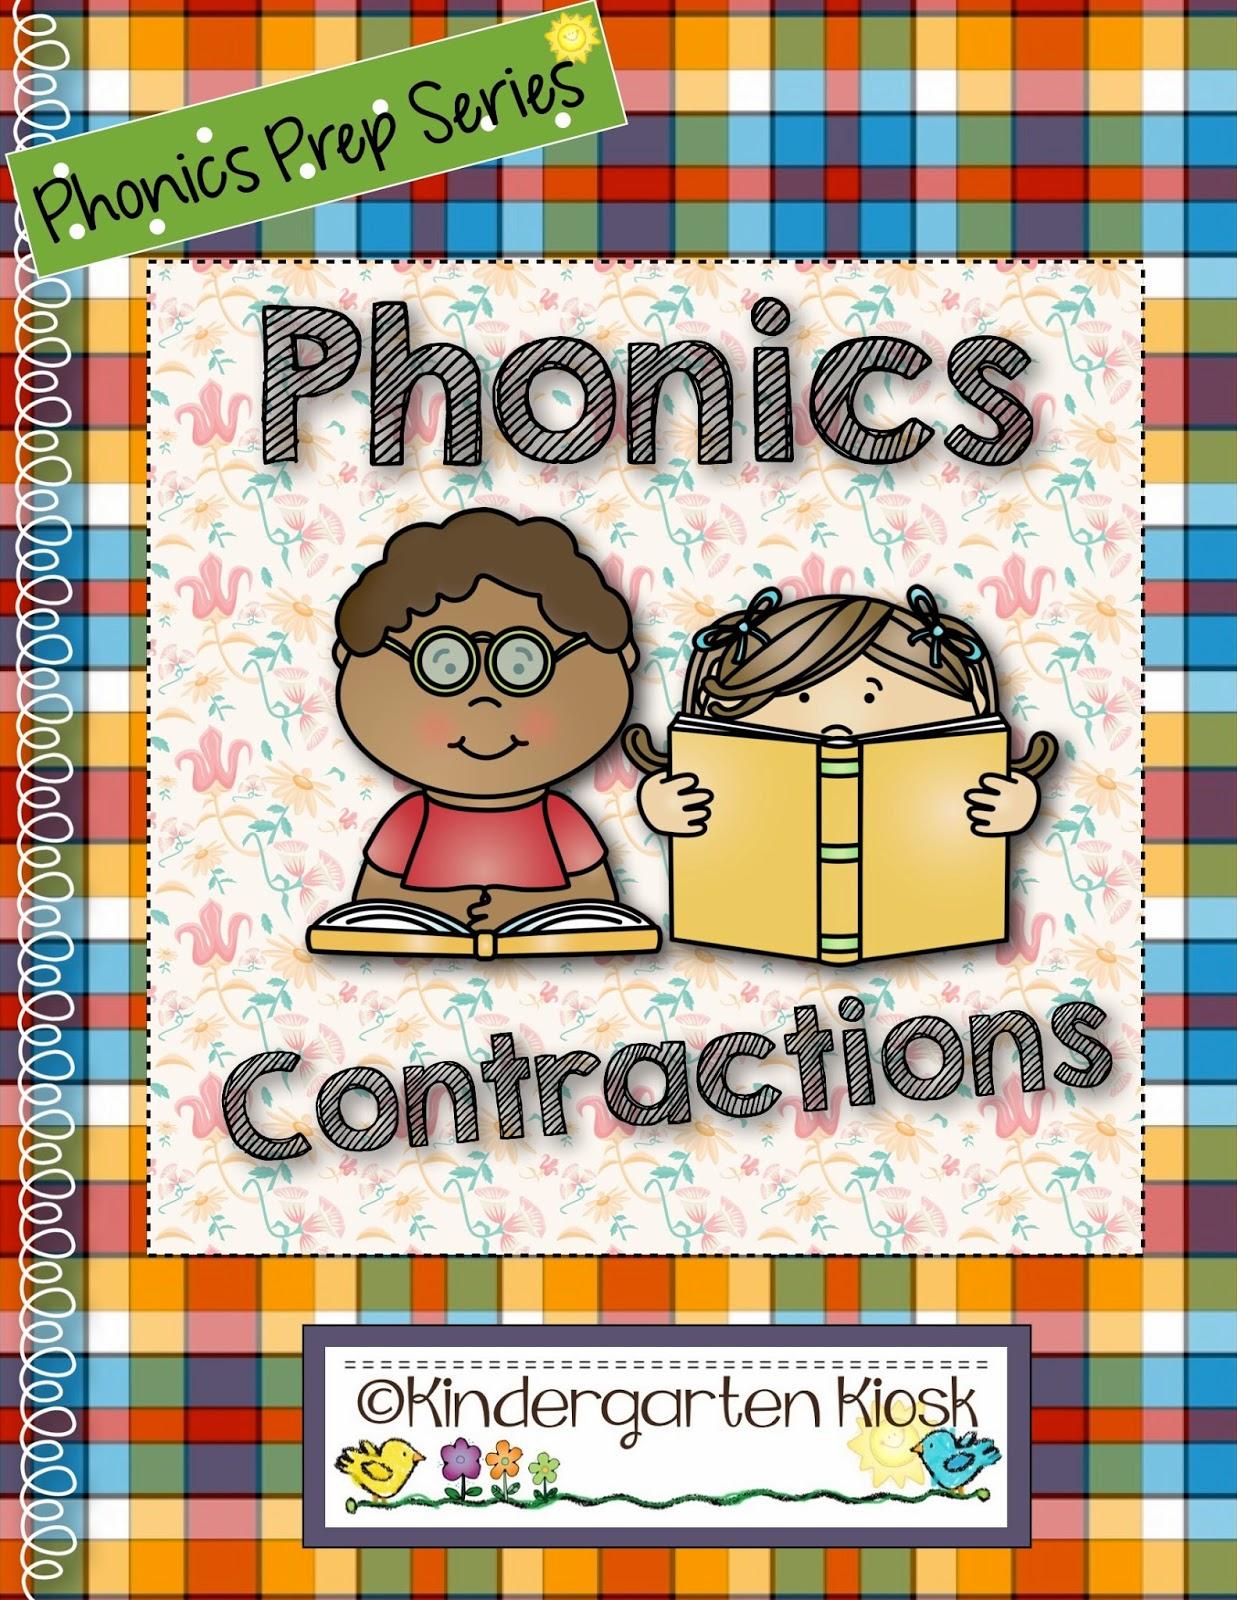 Kindergarten Kiosk Contraction Worksheets